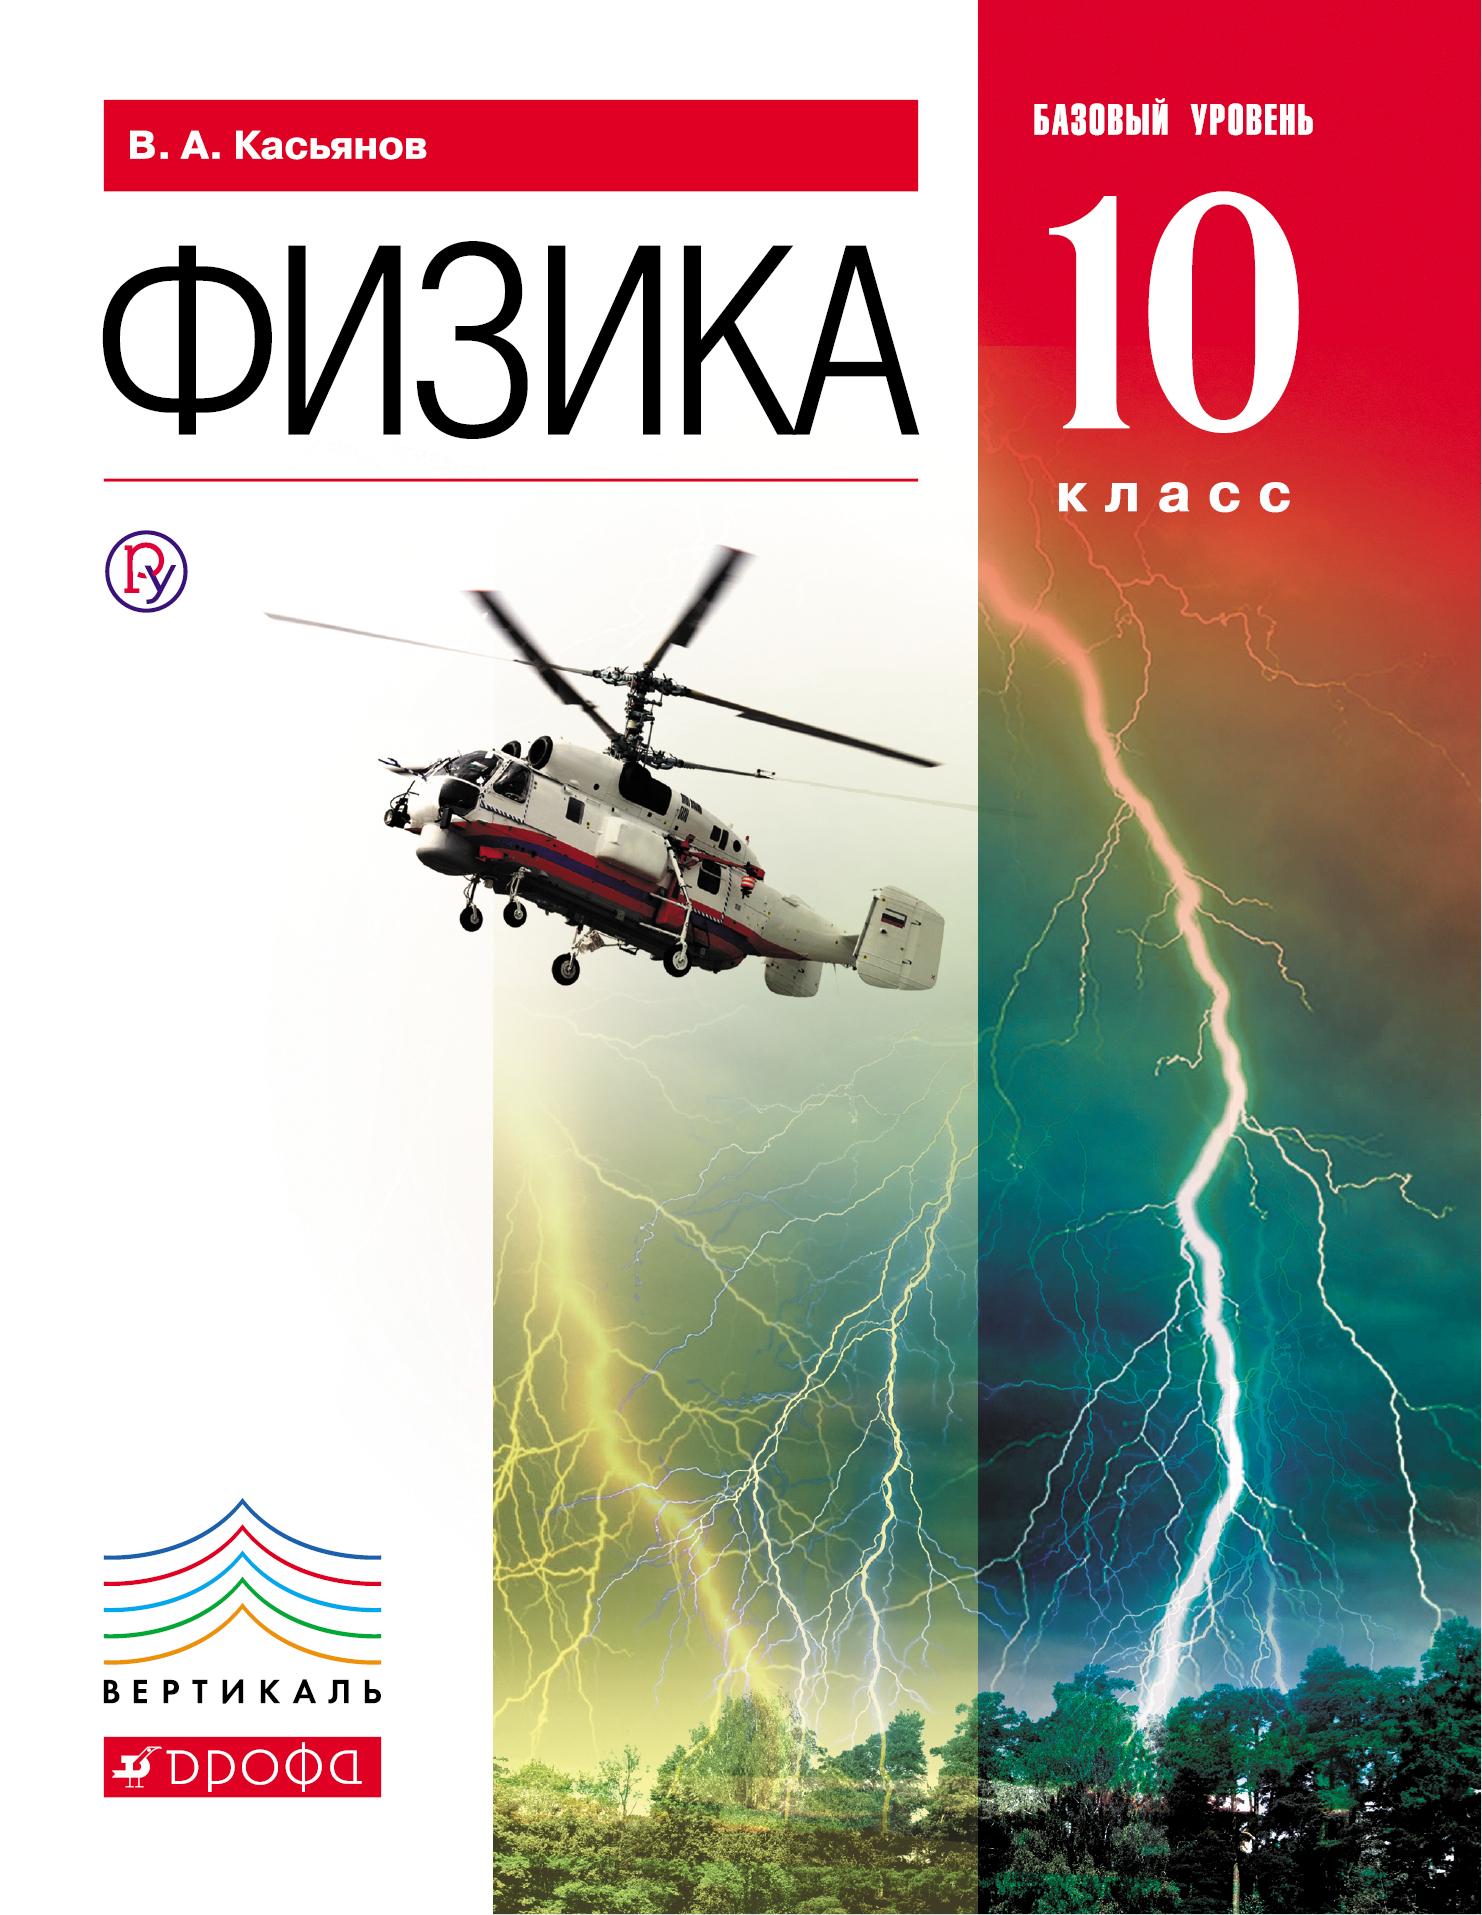 Касьянов В.А. Физика. Базовый уровень. 10 класс. Учебник учебники дрофа физика 11кл учебник базовый уровень